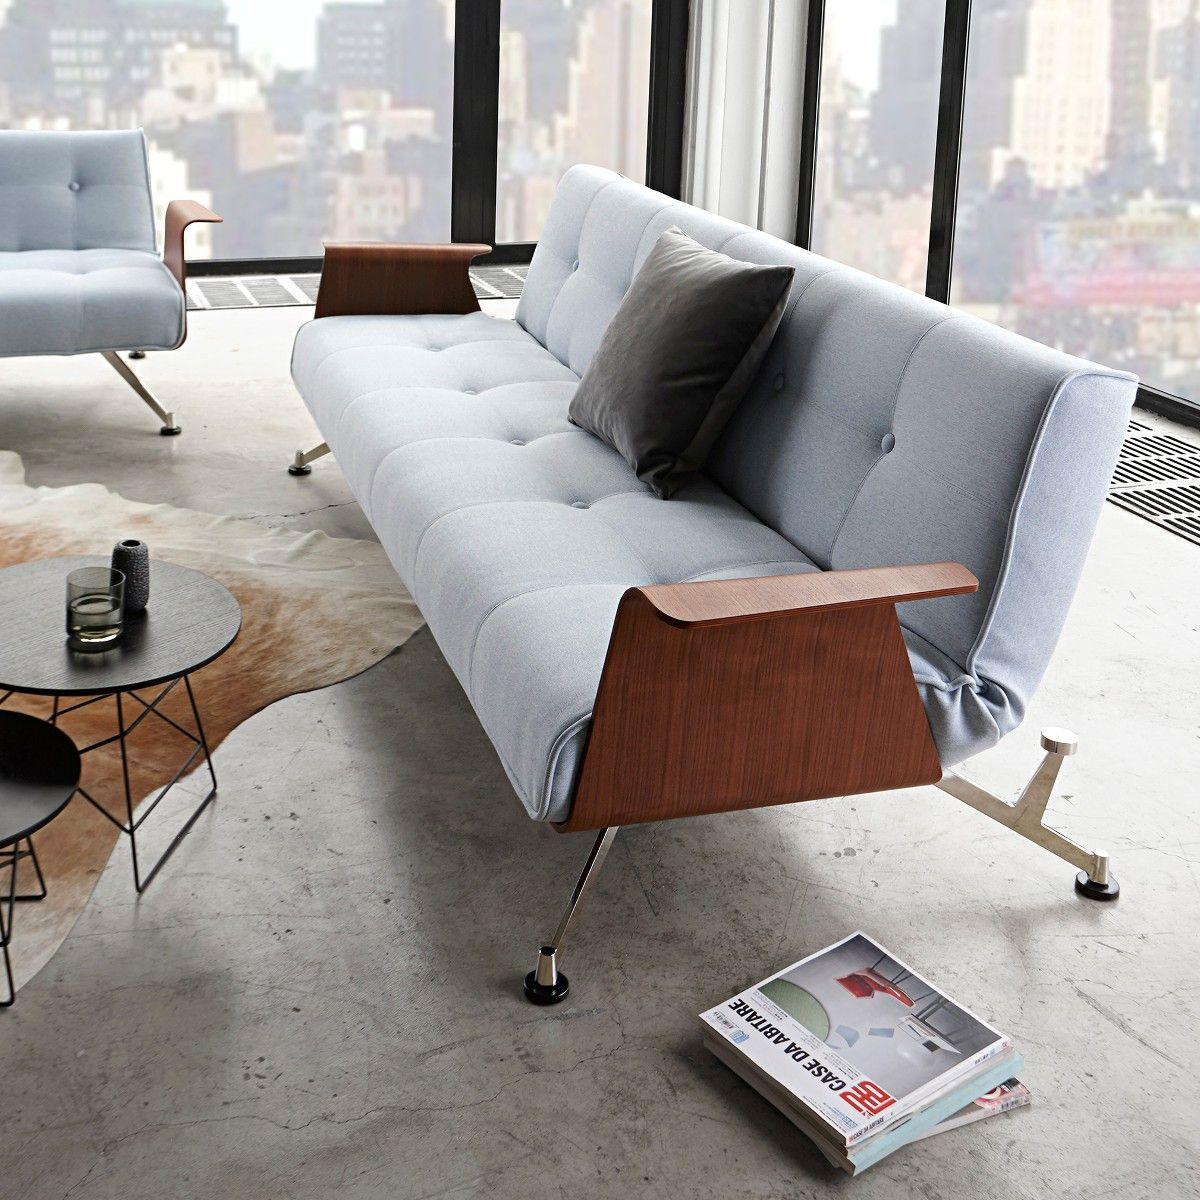 Divano Letto Design Moderno.Divano Letto Clubber In Tessuto Design Moderno Scandinavo 210 Cm